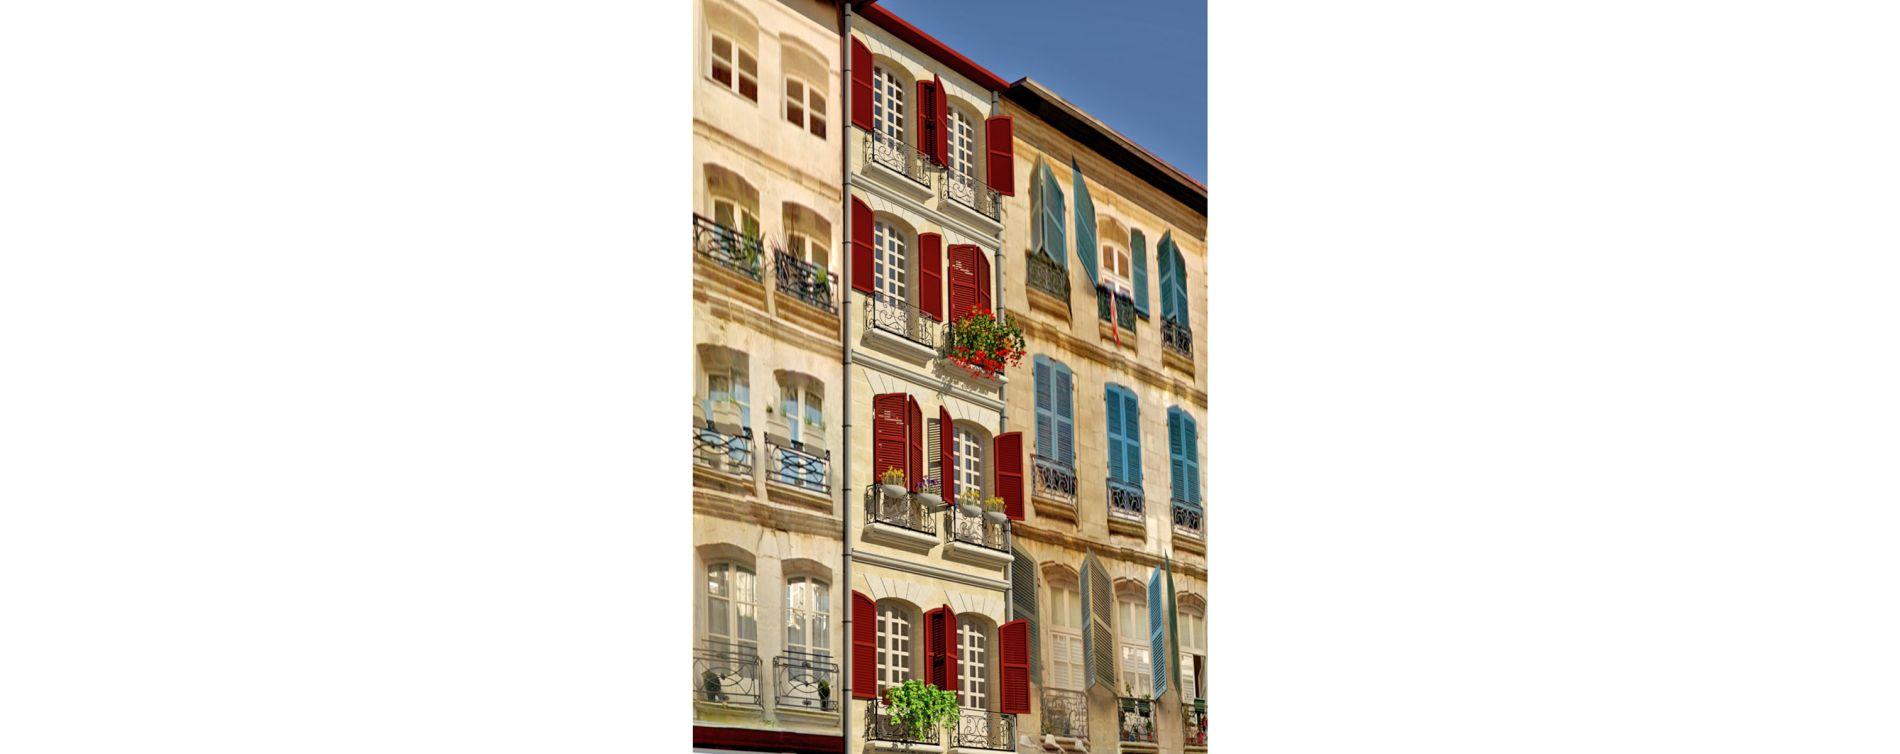 Bayonne : programme immobilier à rénover « 32 Rue d'Espagne » en Loi Malraux